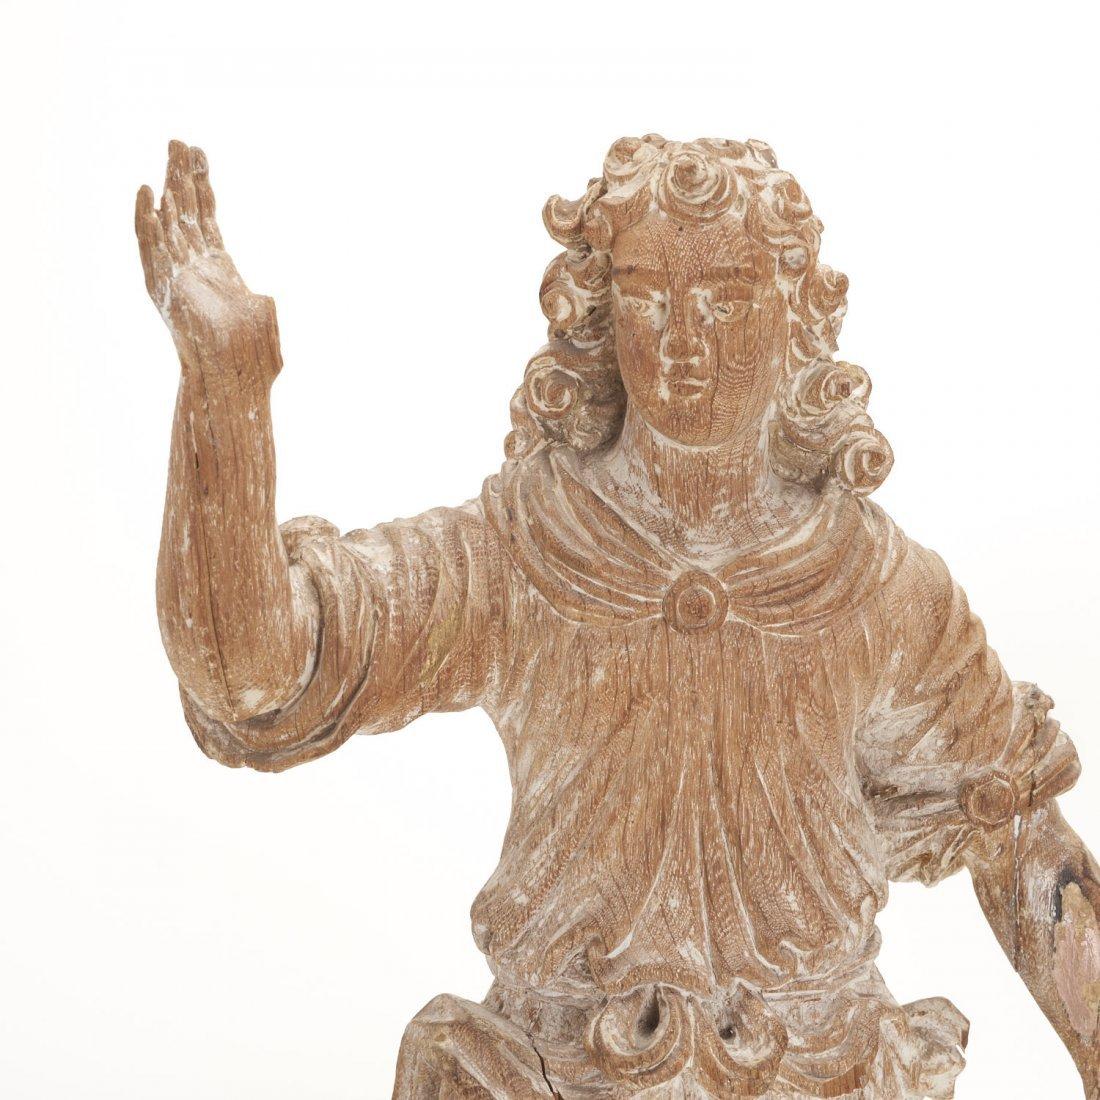 Pr Antique Continental carved, cerused oak angels - 2